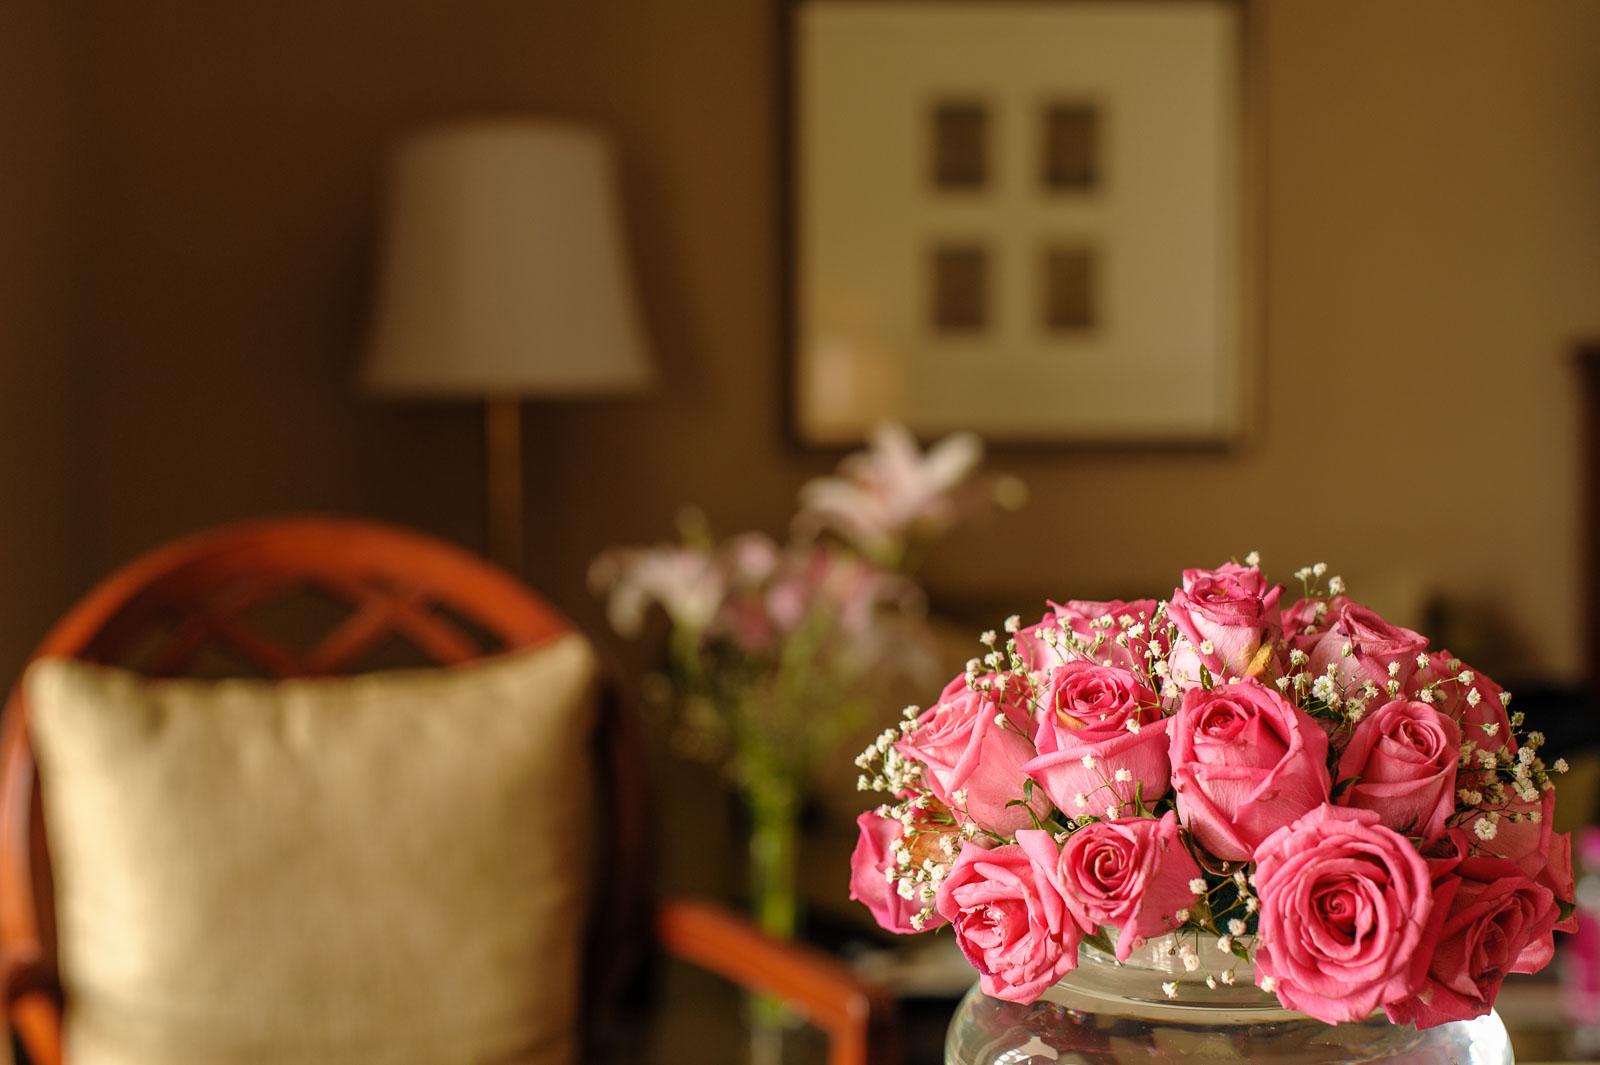 Flowers in room.